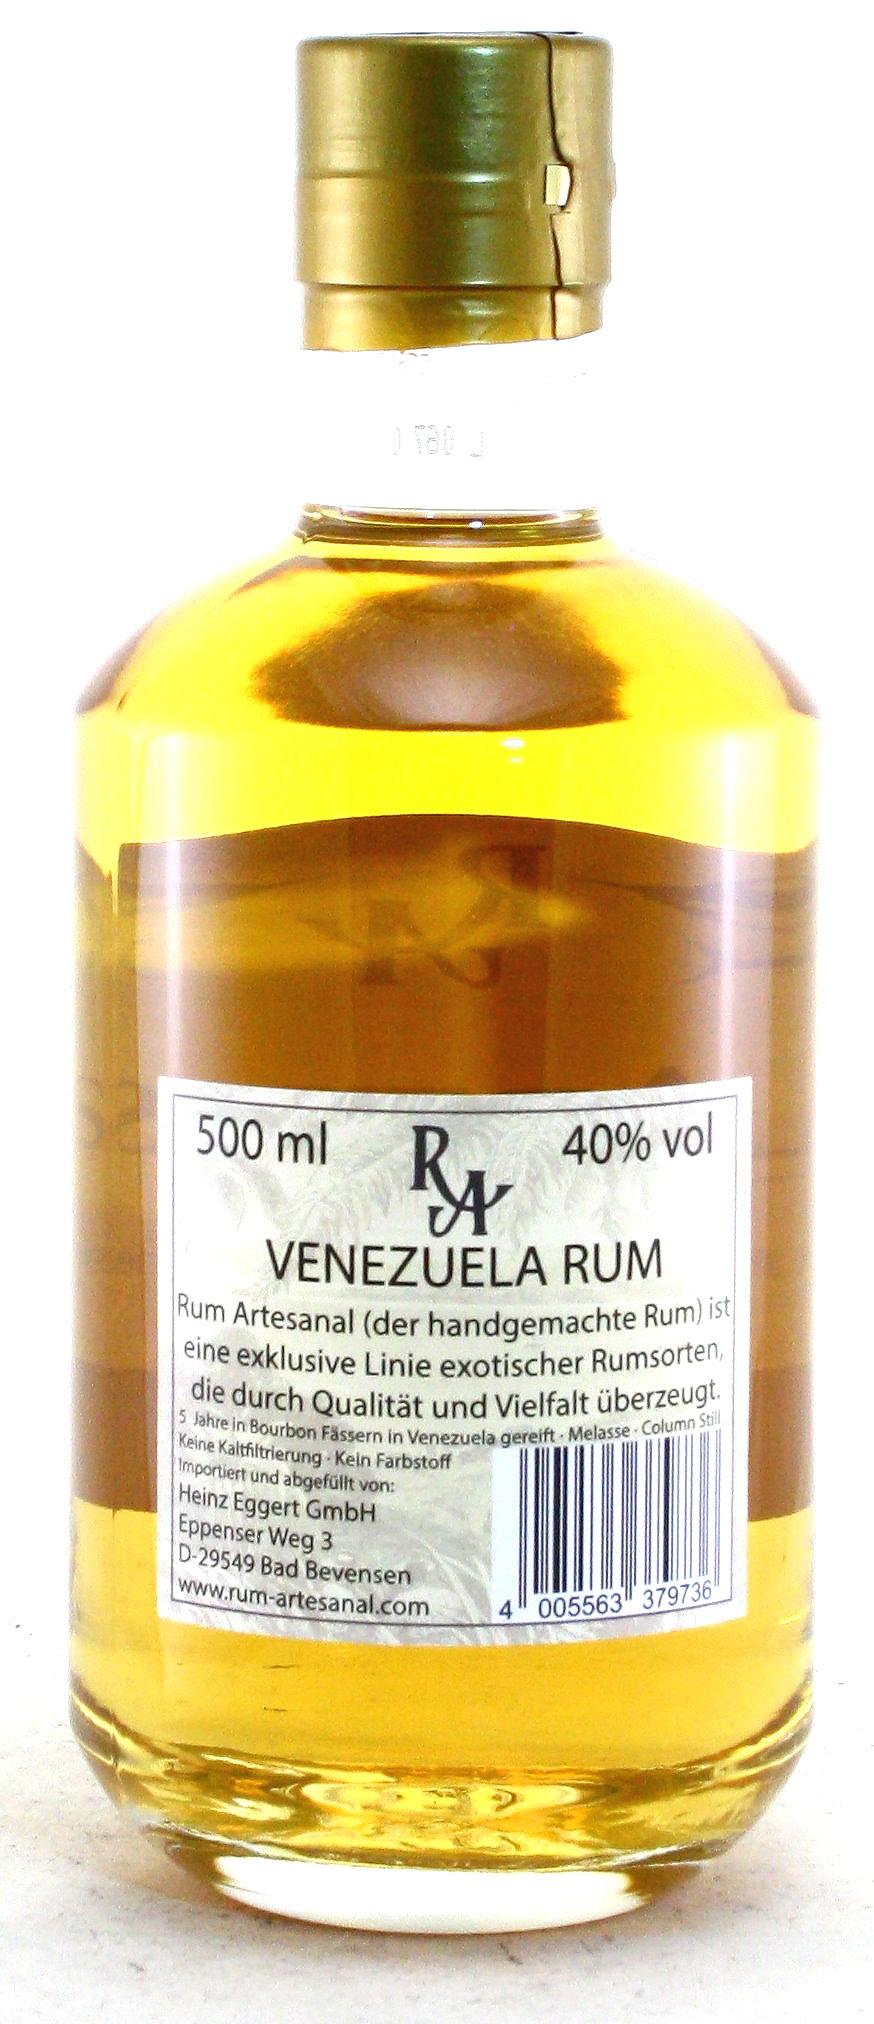 500 ml Ron de Venezuela, Rum Artesanal Venezuela